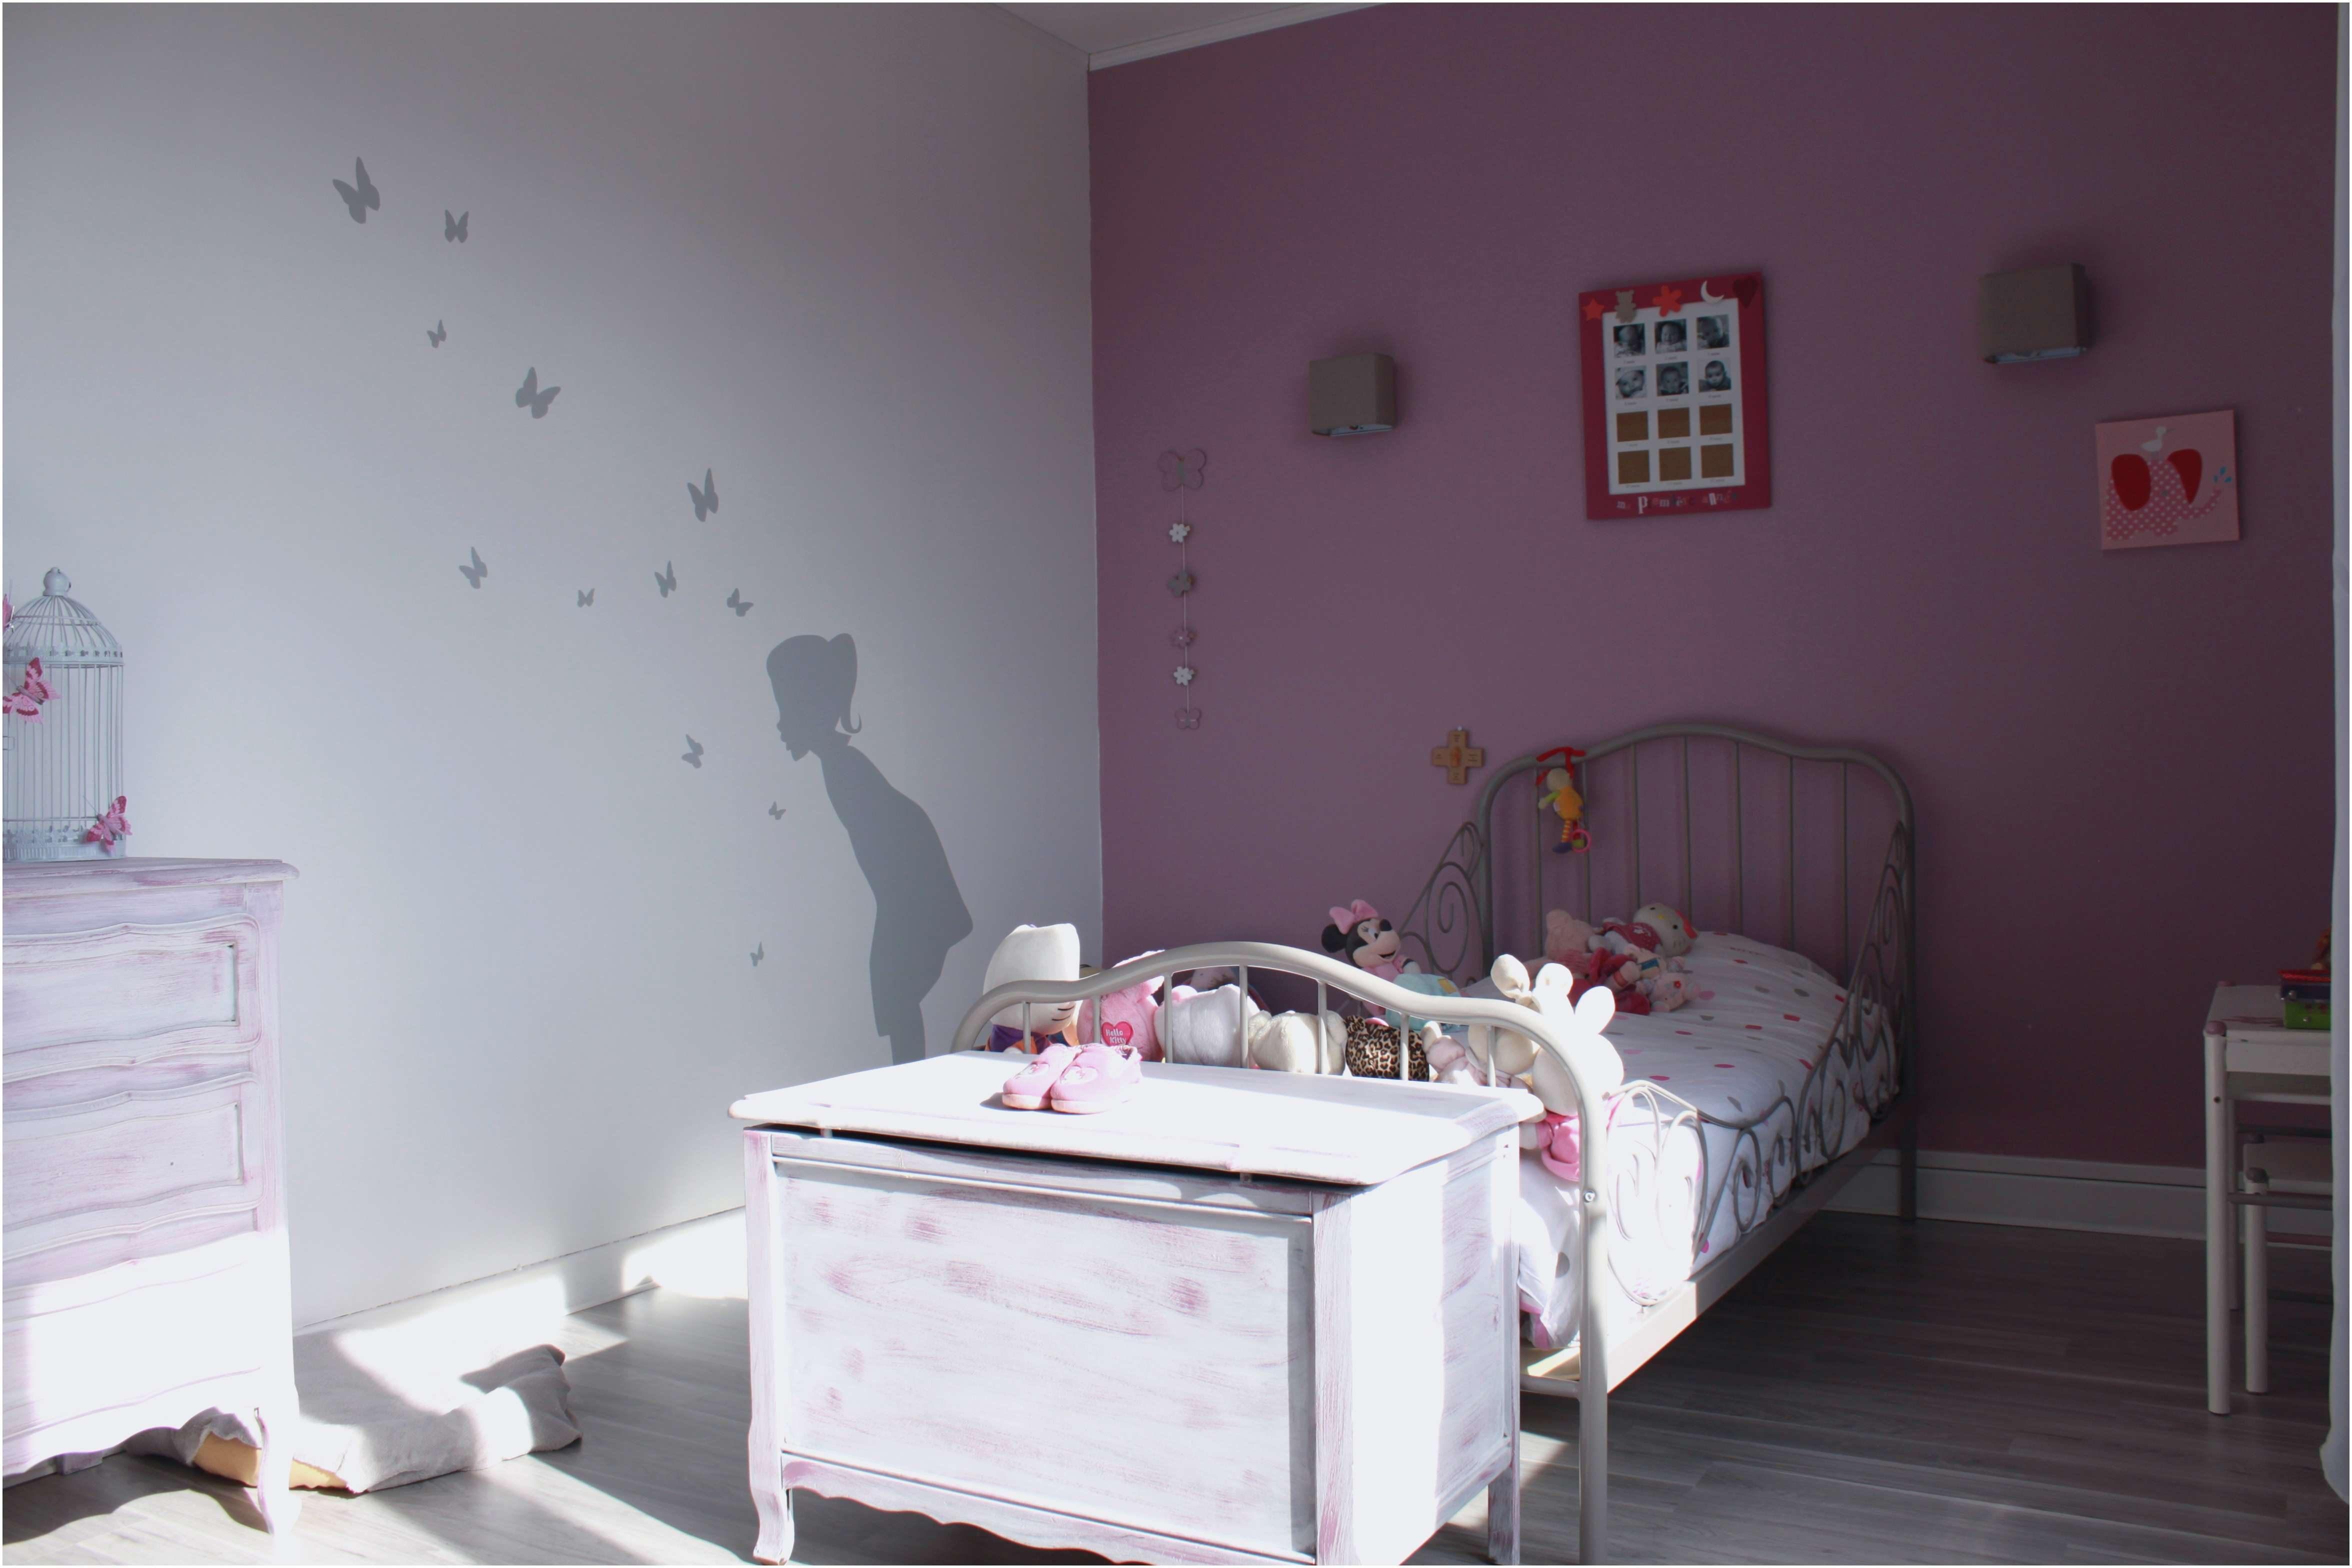 Lit Pliant Pour Bébé Élégant Elégant Chambre Bébé Fille Gris Et Rose Beau Parc B C3 A9b C3 A9